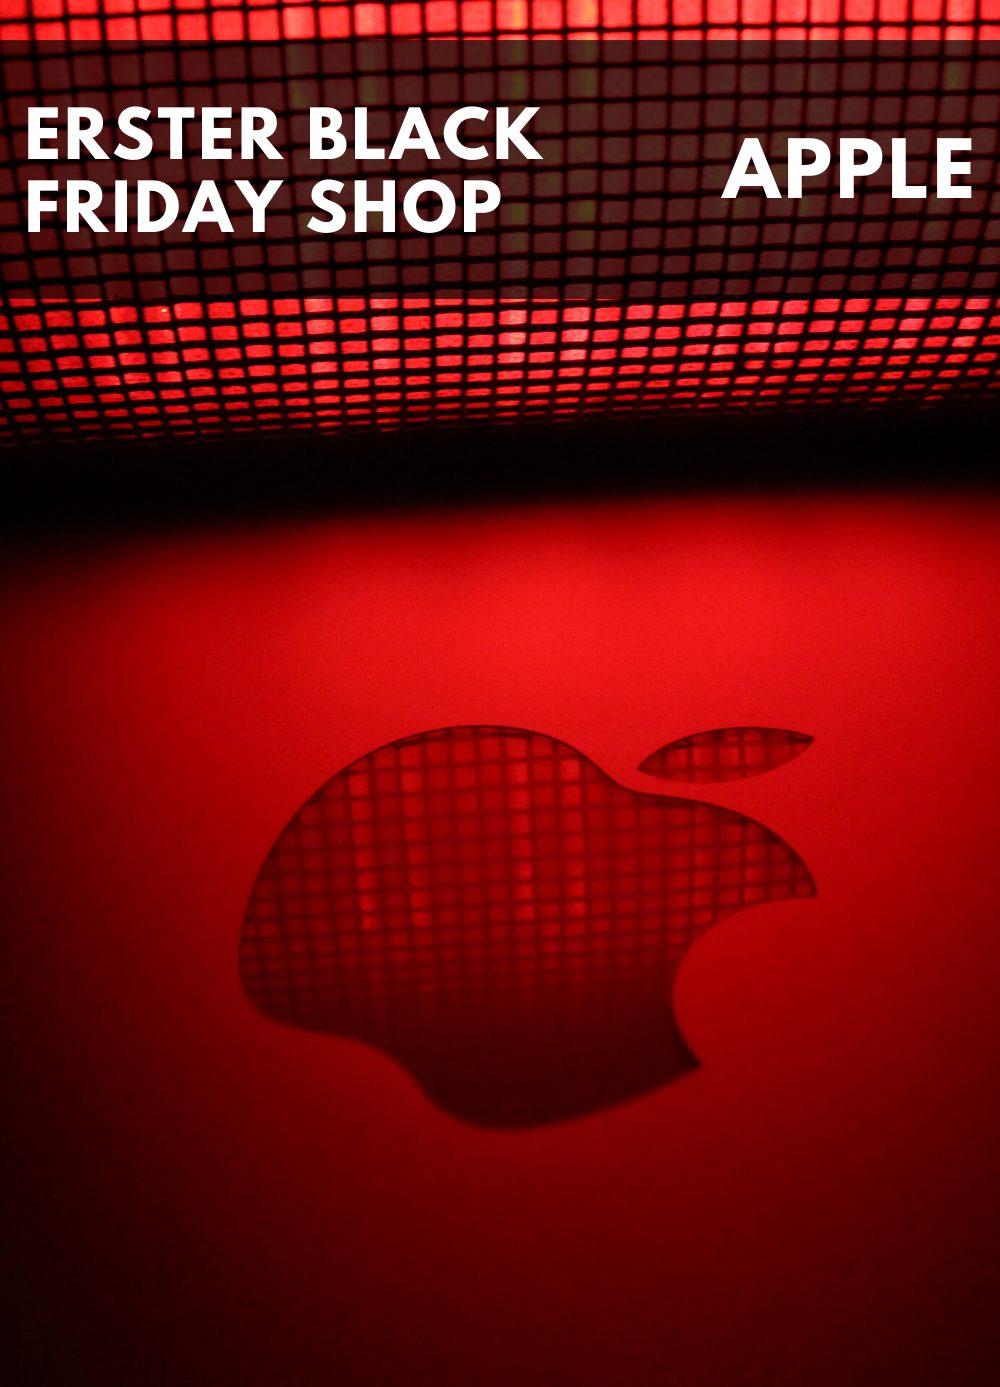 Apple als erster Black Friday Shop